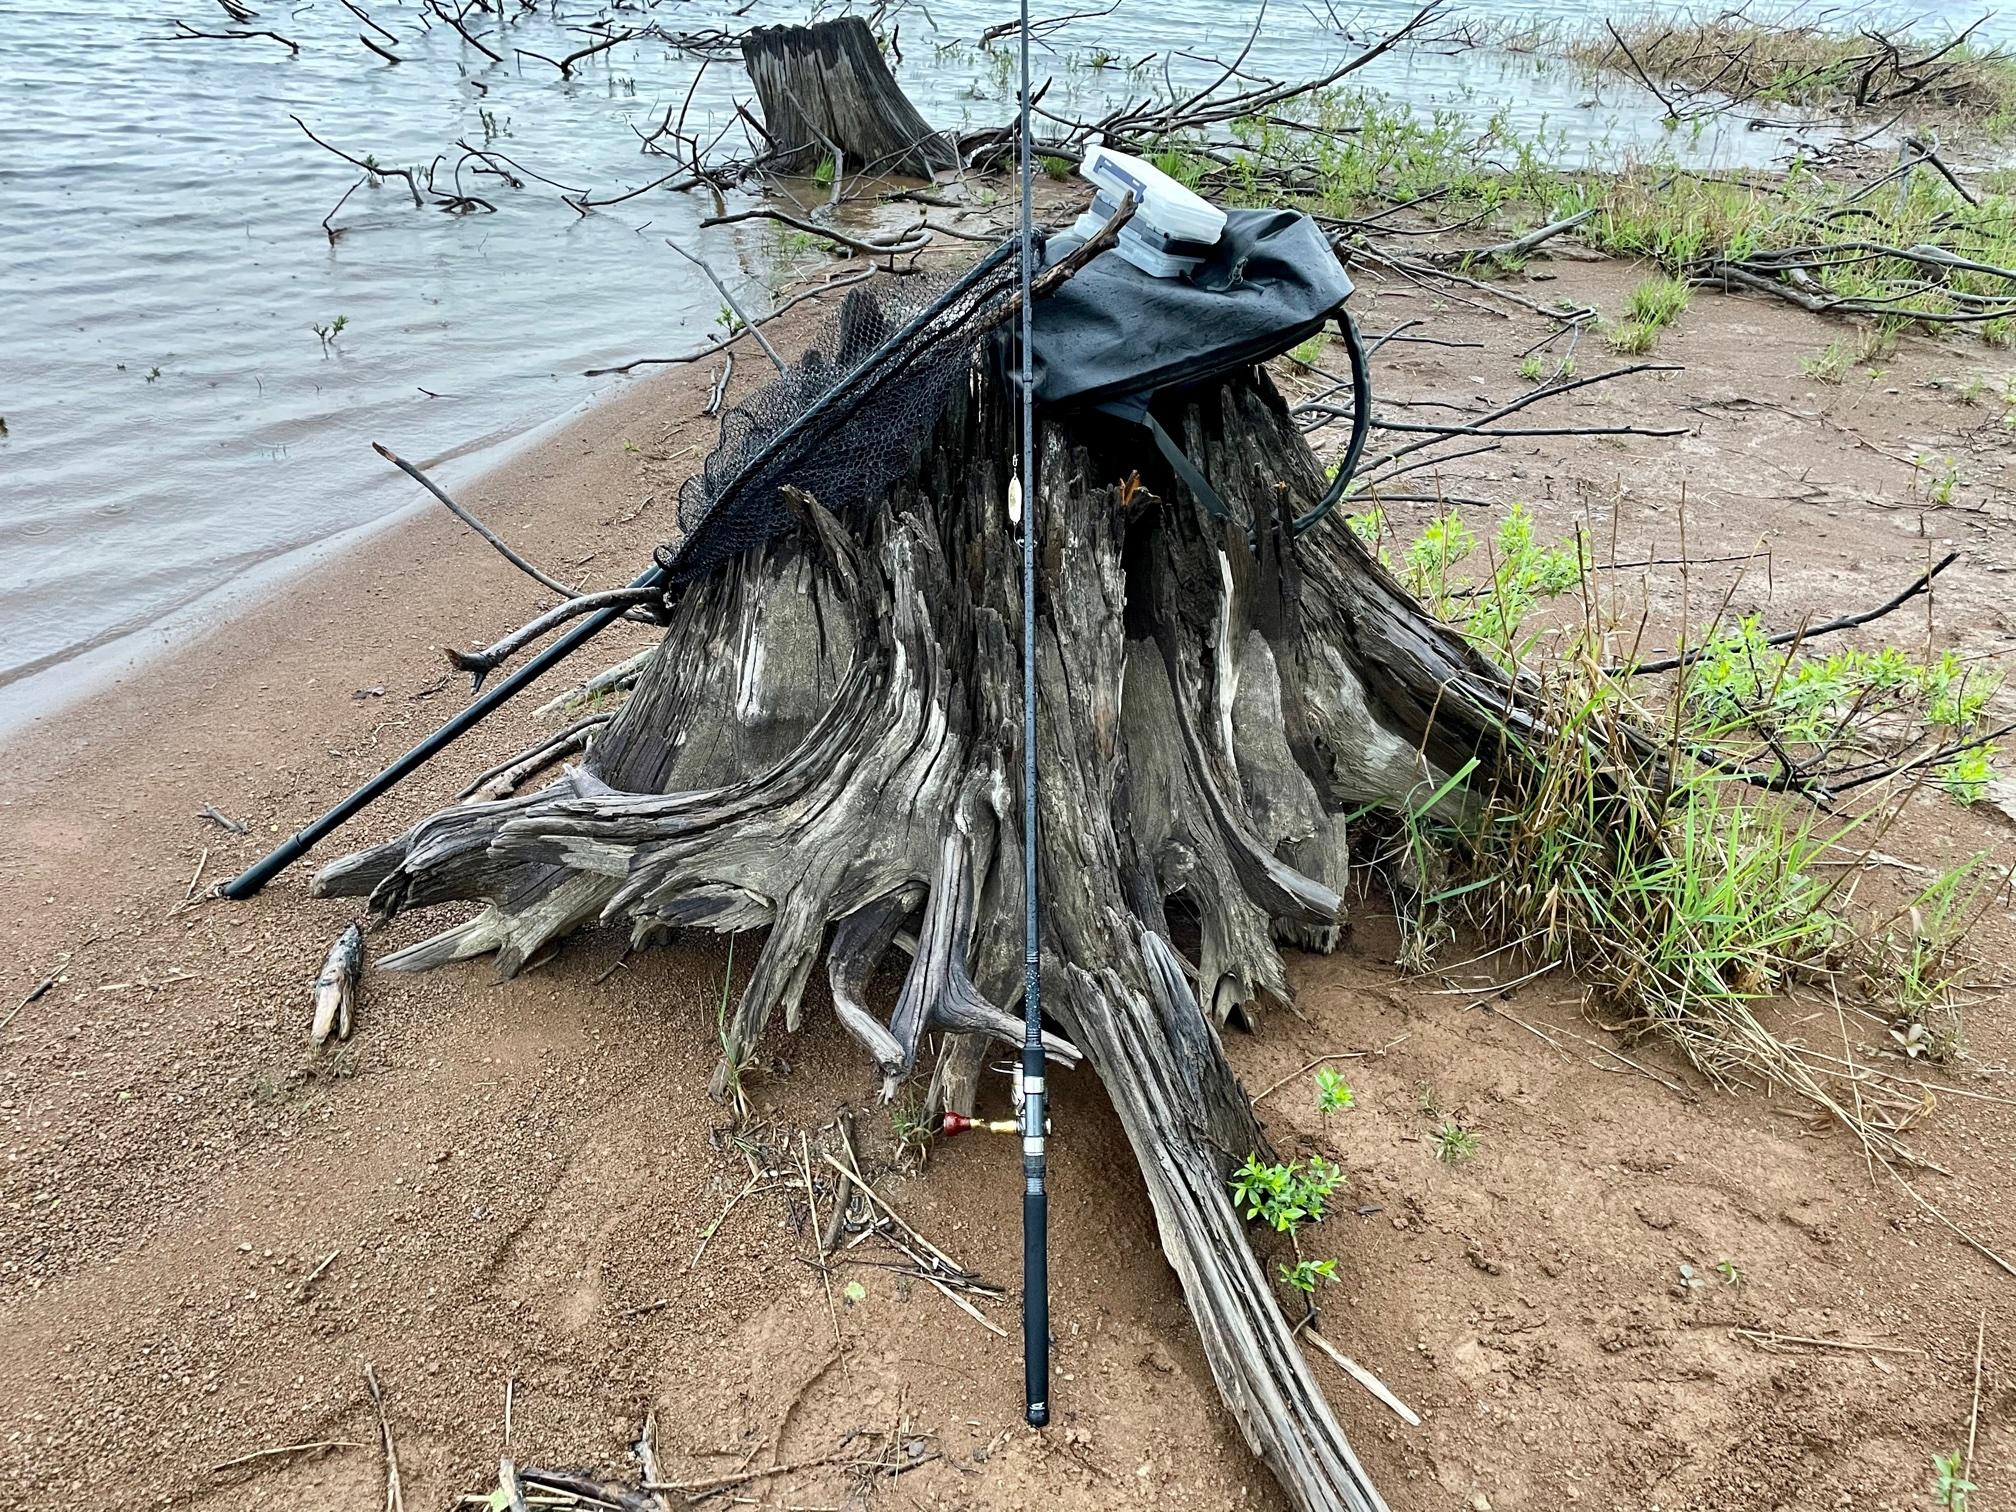 朱鞠内湖イトウ釣り装備